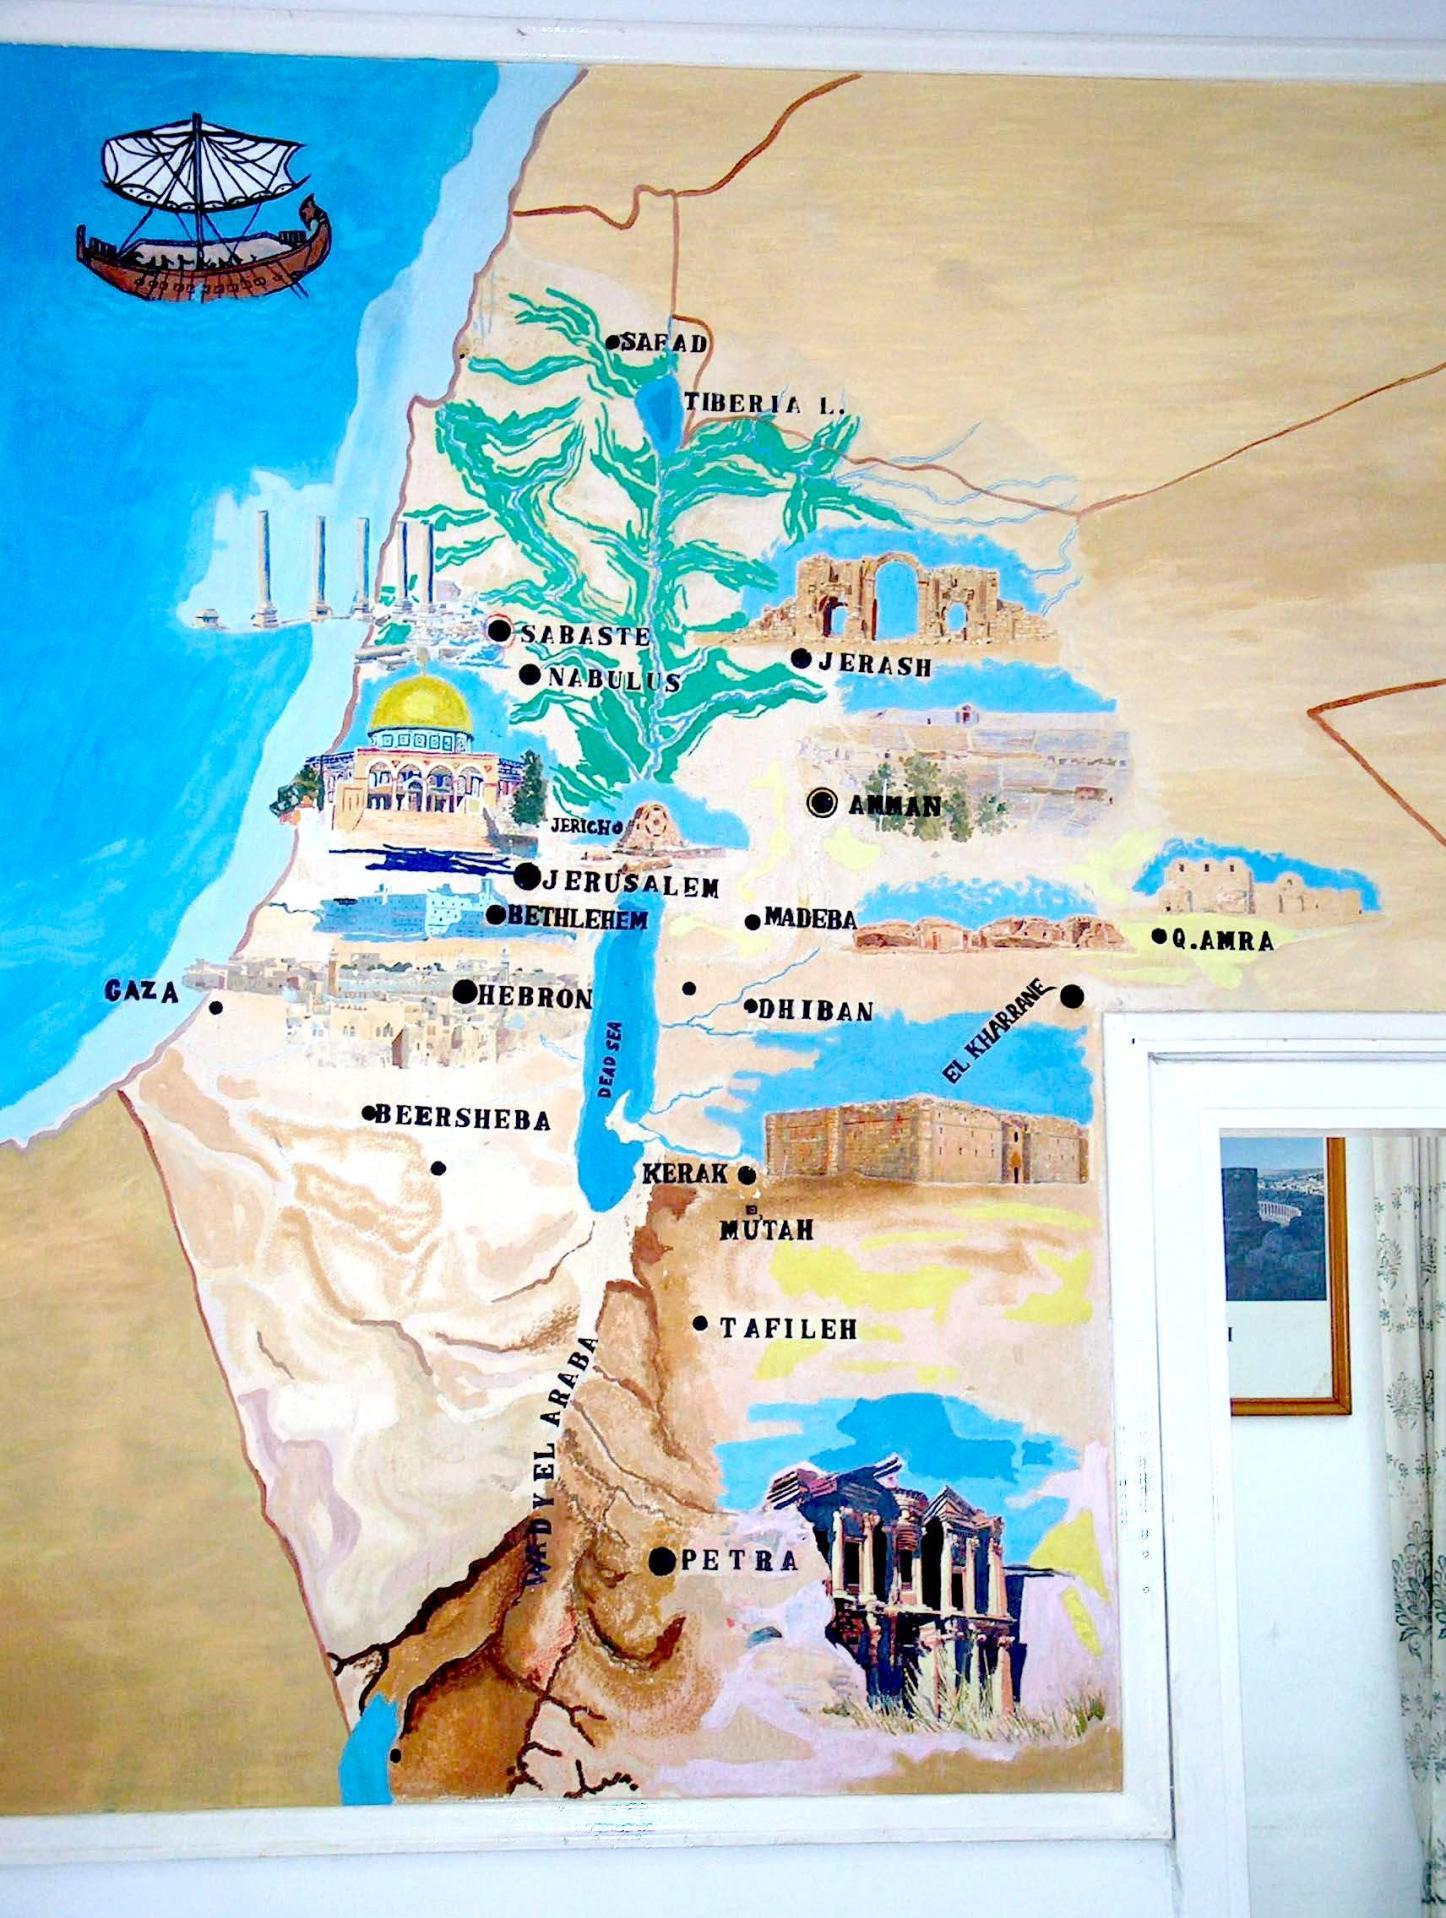 """Современная туристическакя карта Иордании (Амман). Израиль на ней отсутствует. Вся территория """"от моря до реки"""" и восточнее, якобы принадлежит Иордании."""